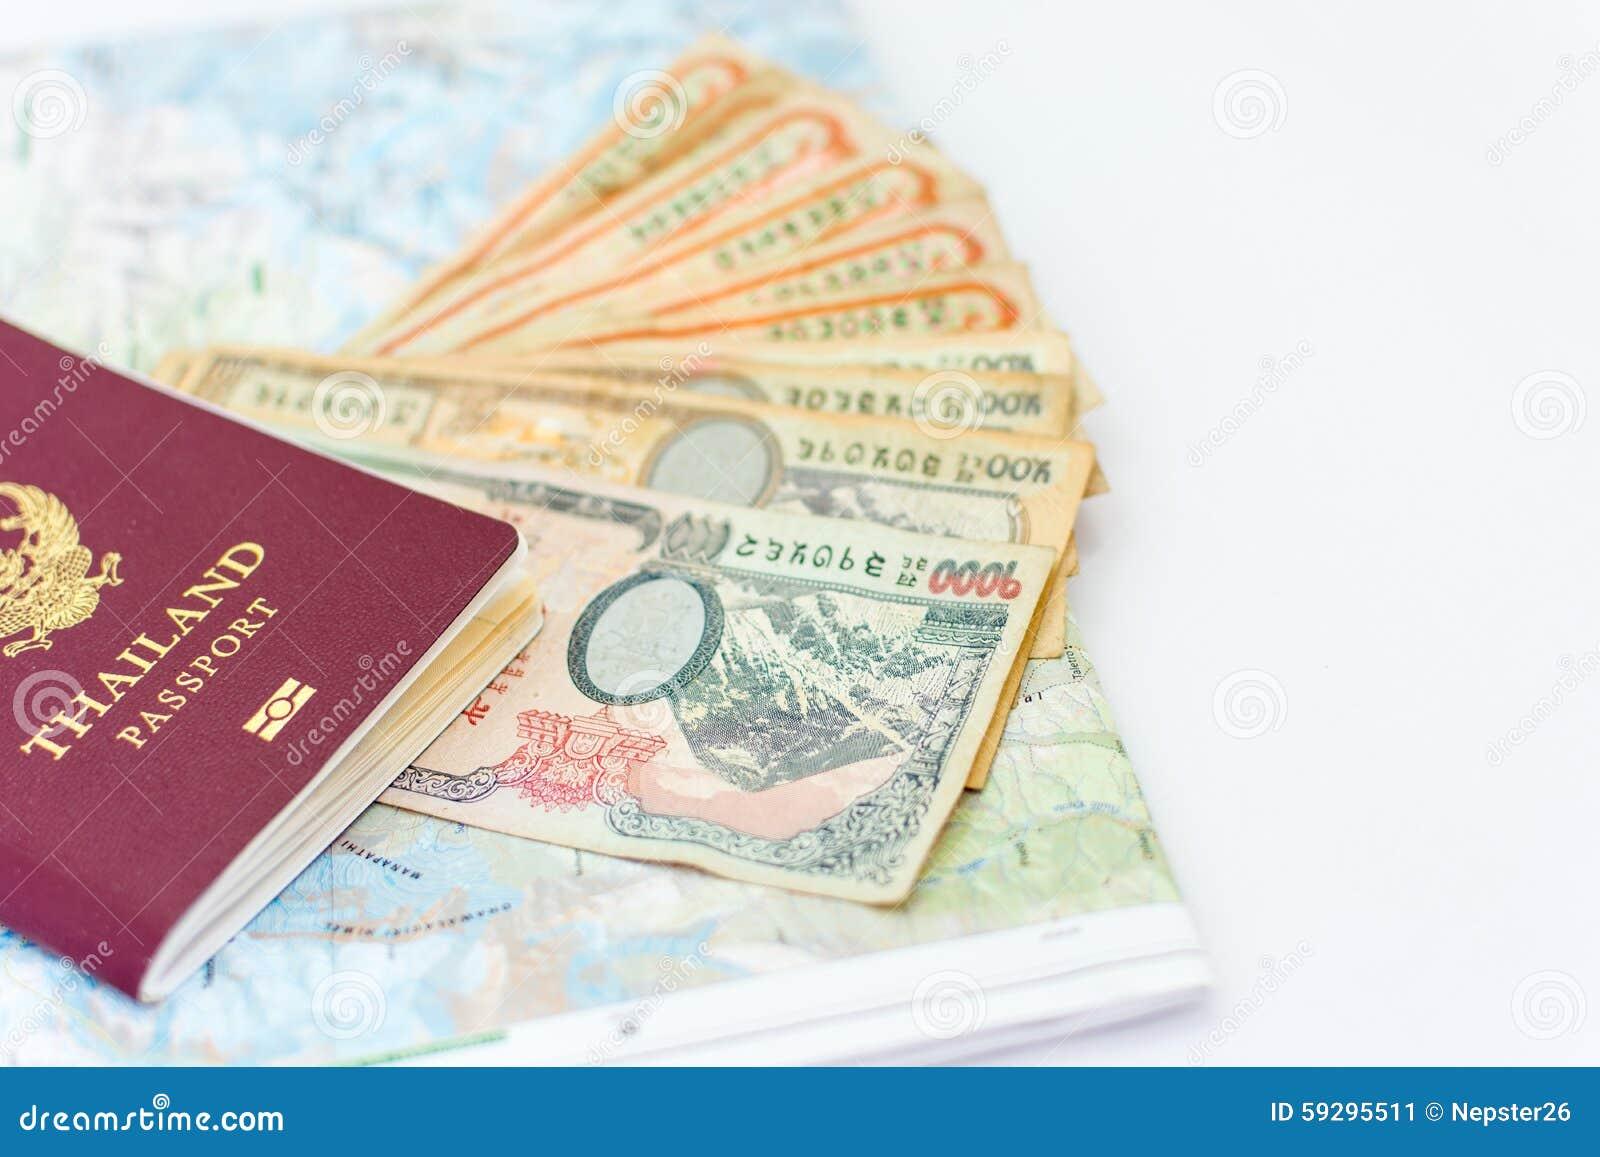 旅游业的泰国护照与安纳布尔纳峰地区尼泊尔地图a